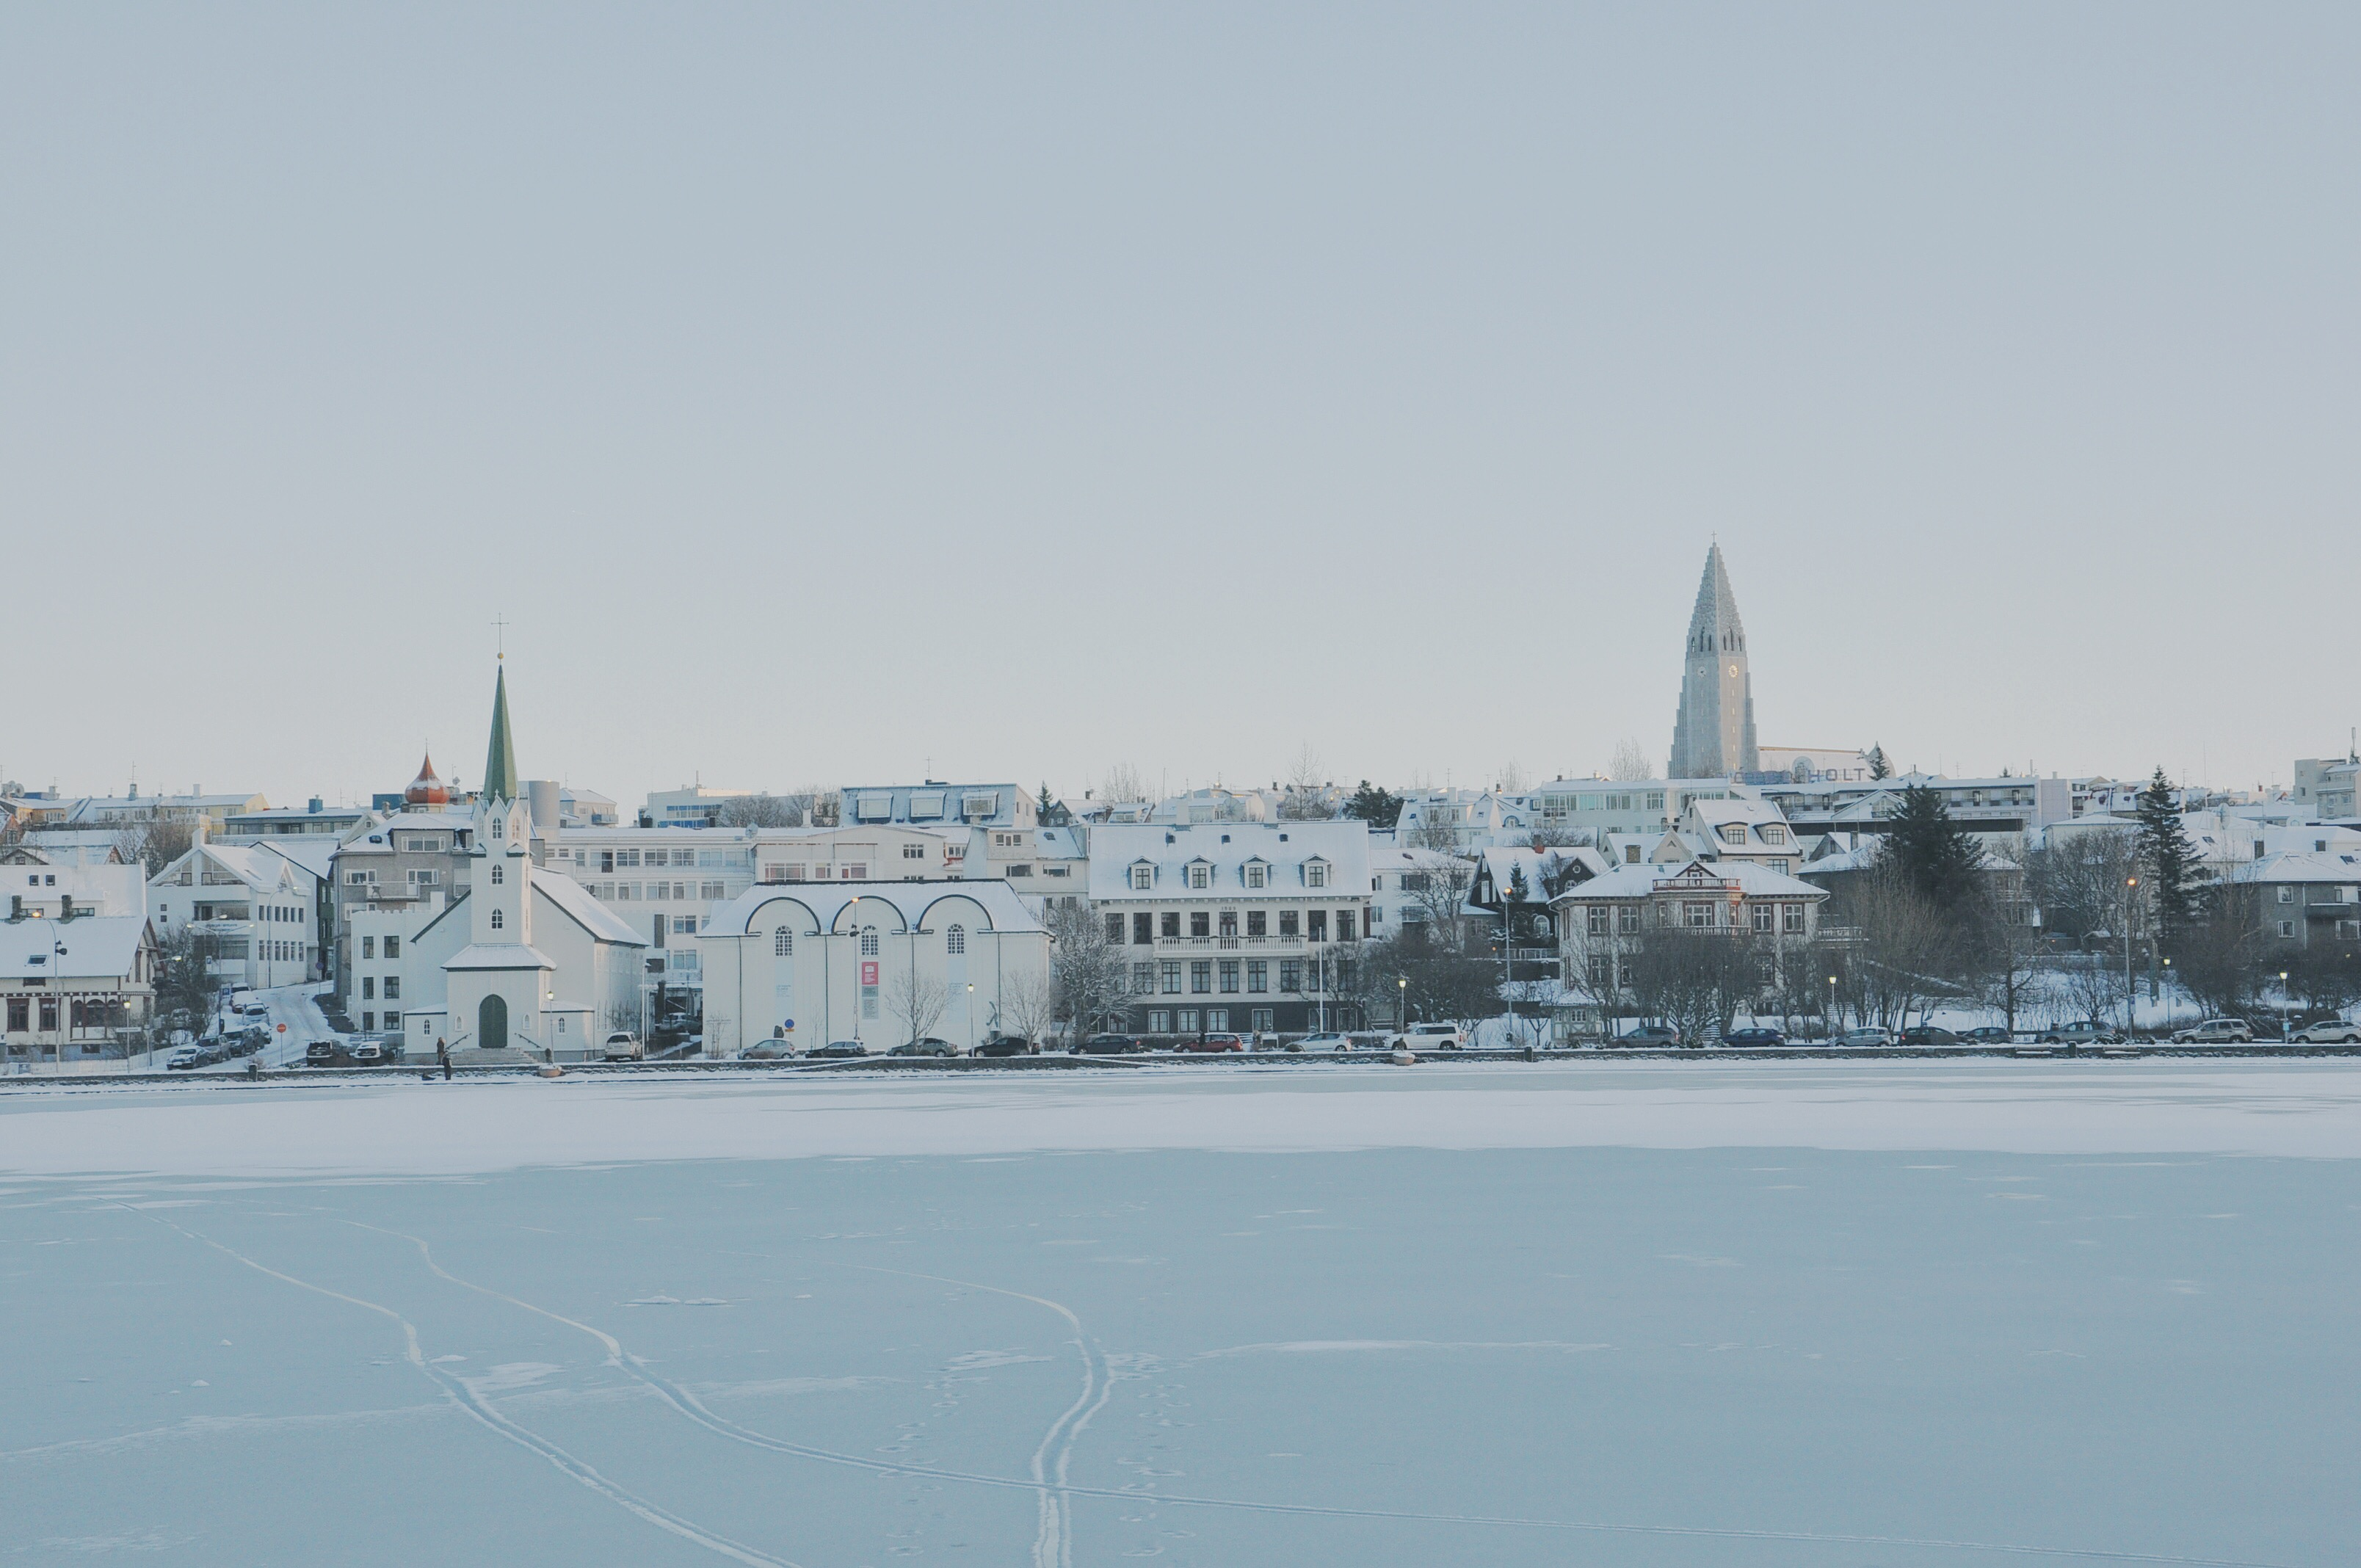 ทะเลสาบทุยอร์นินในใจกลางเมืองเรคยาวิกมักจะแข็งตัวในช่วงฤดูหนาว.